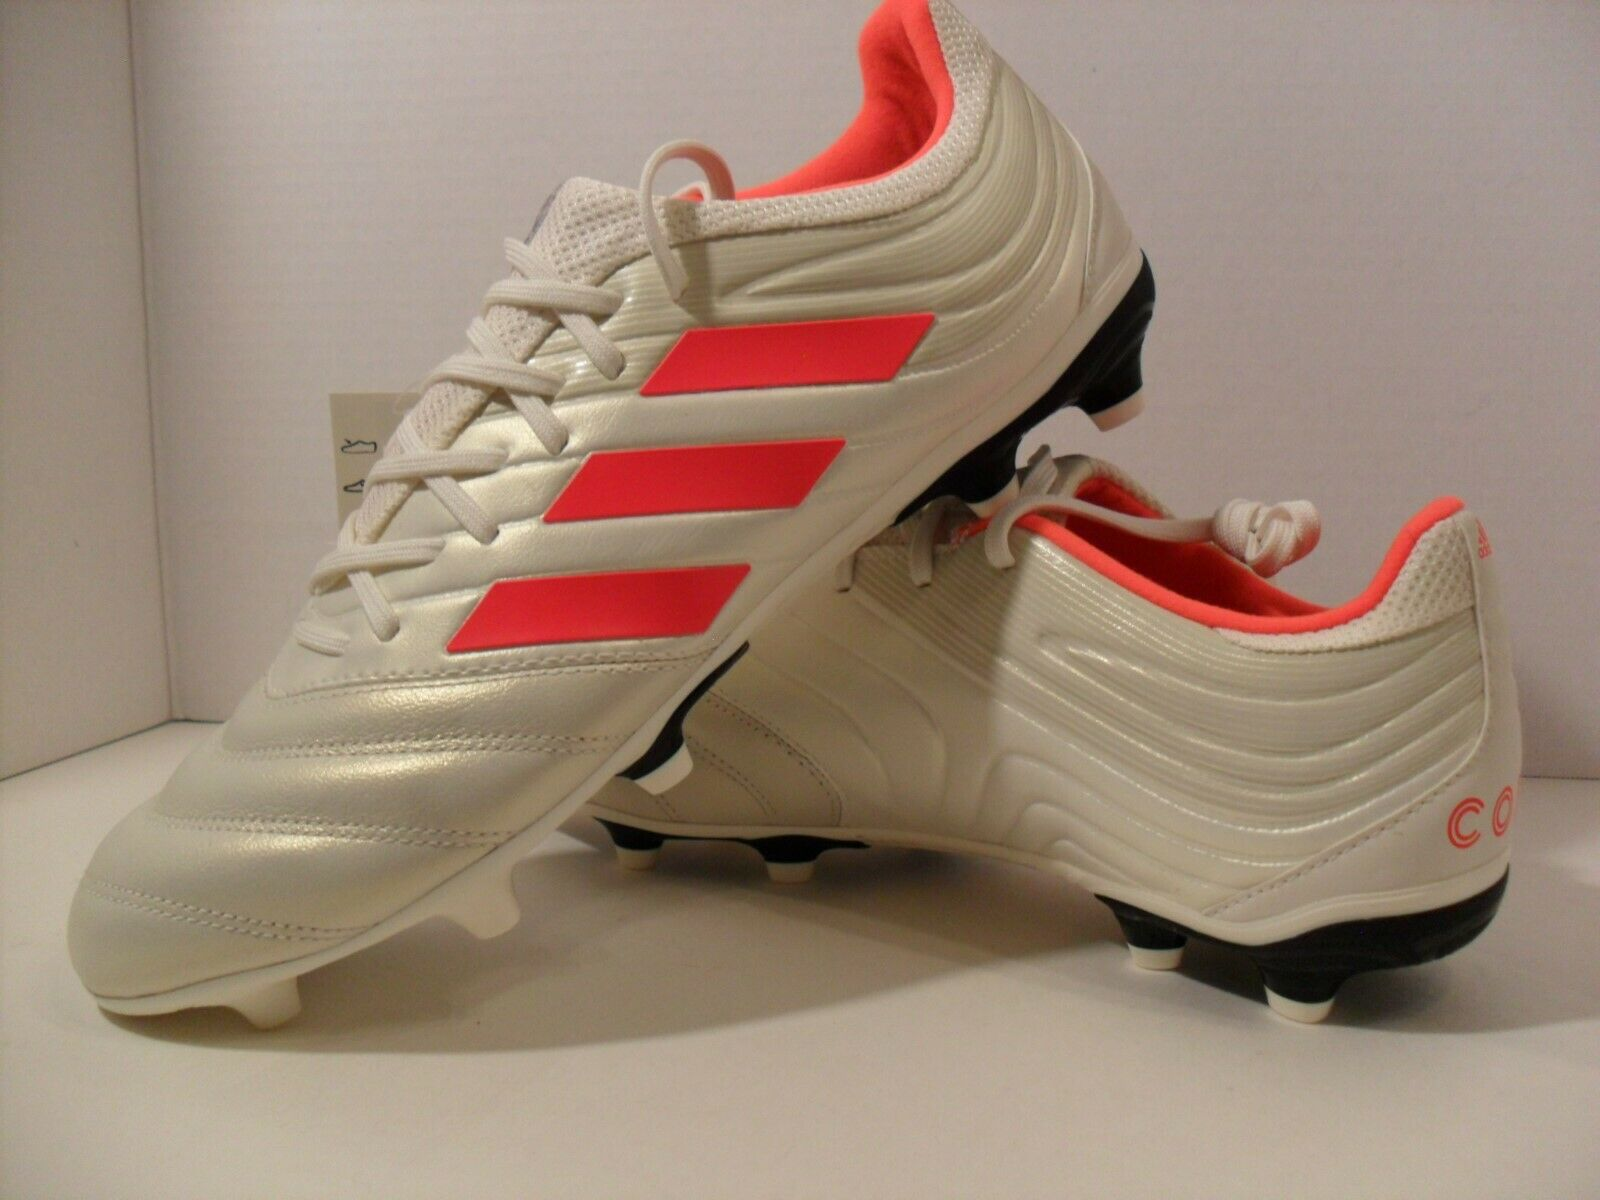 adidas COPA 19 3 купить на eBay в